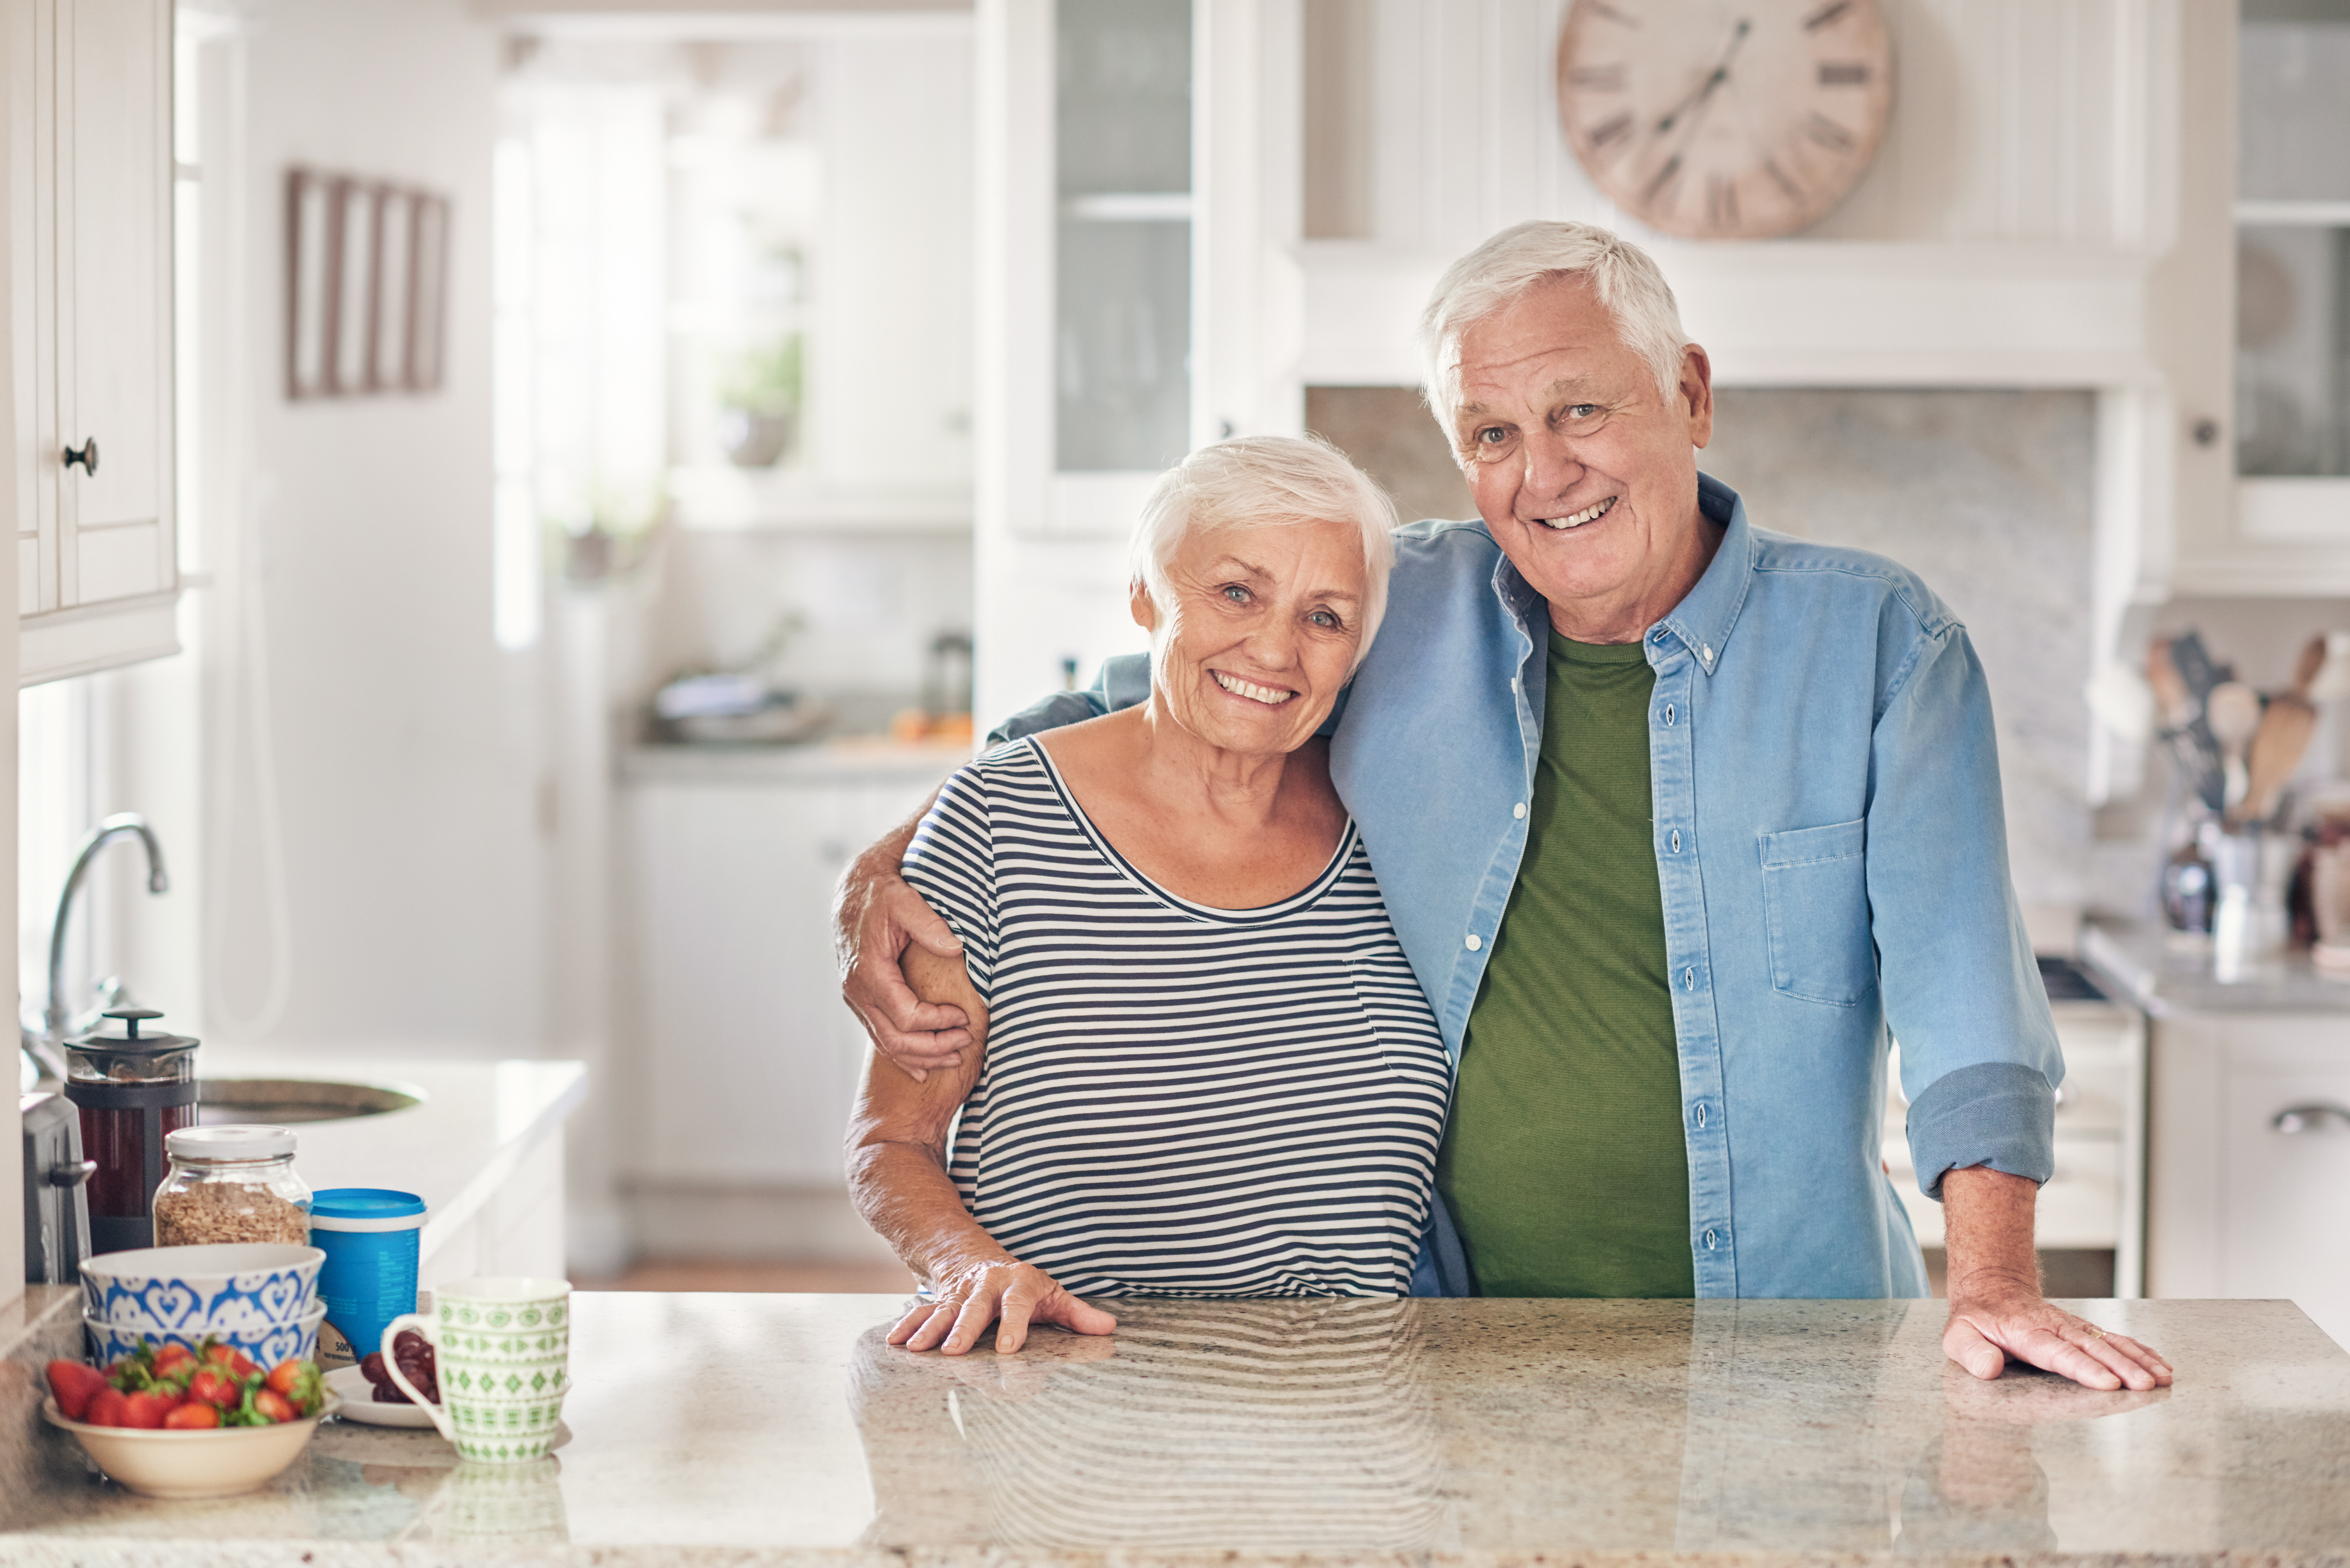 Veilig wonen op oudere leeftijd